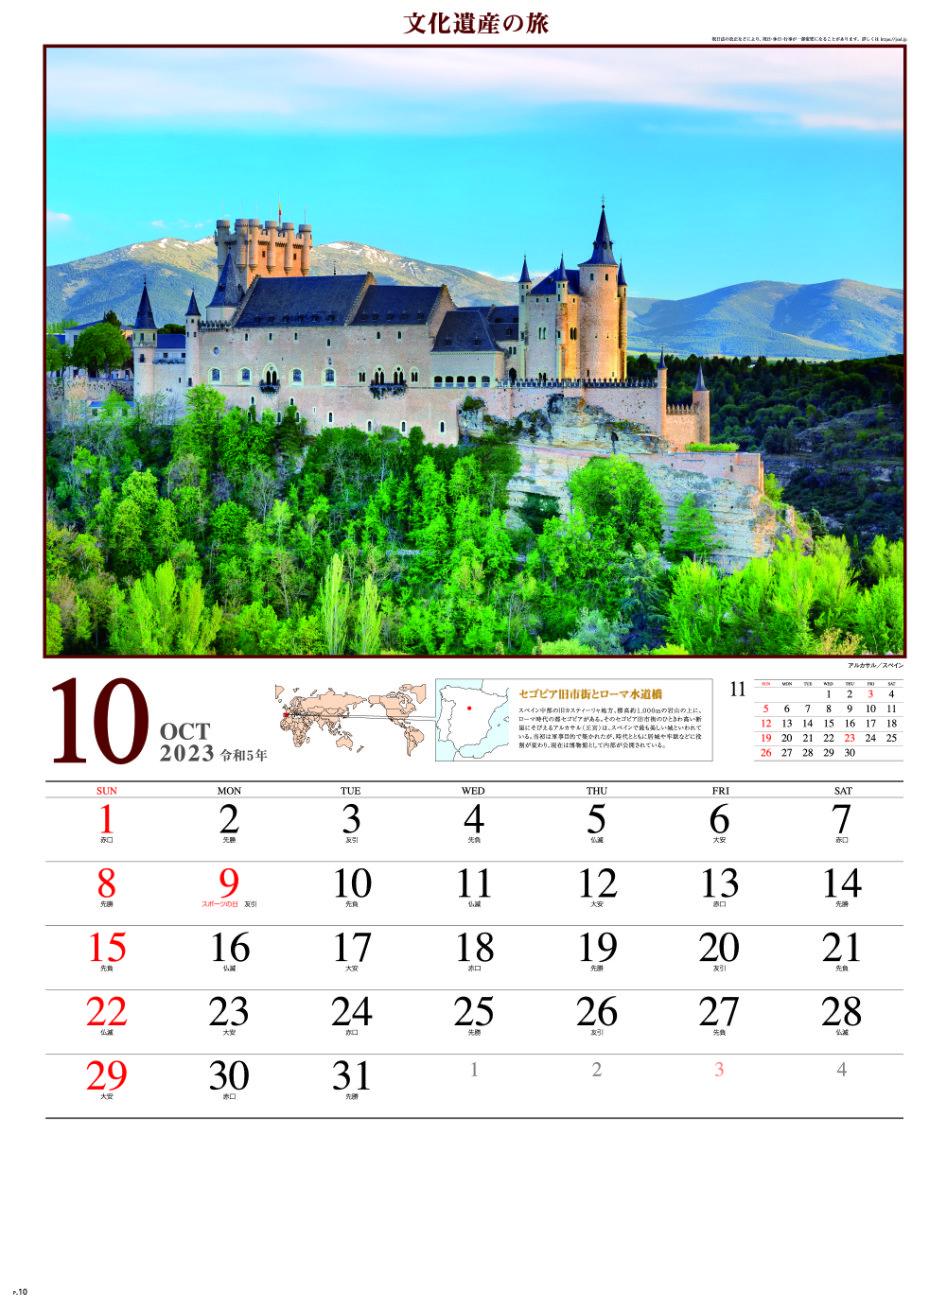 10月 アテネのアクロポリス ギリシャ 文化遺産の旅(ユネスコ世界遺産) 2022年カレンダーの画像